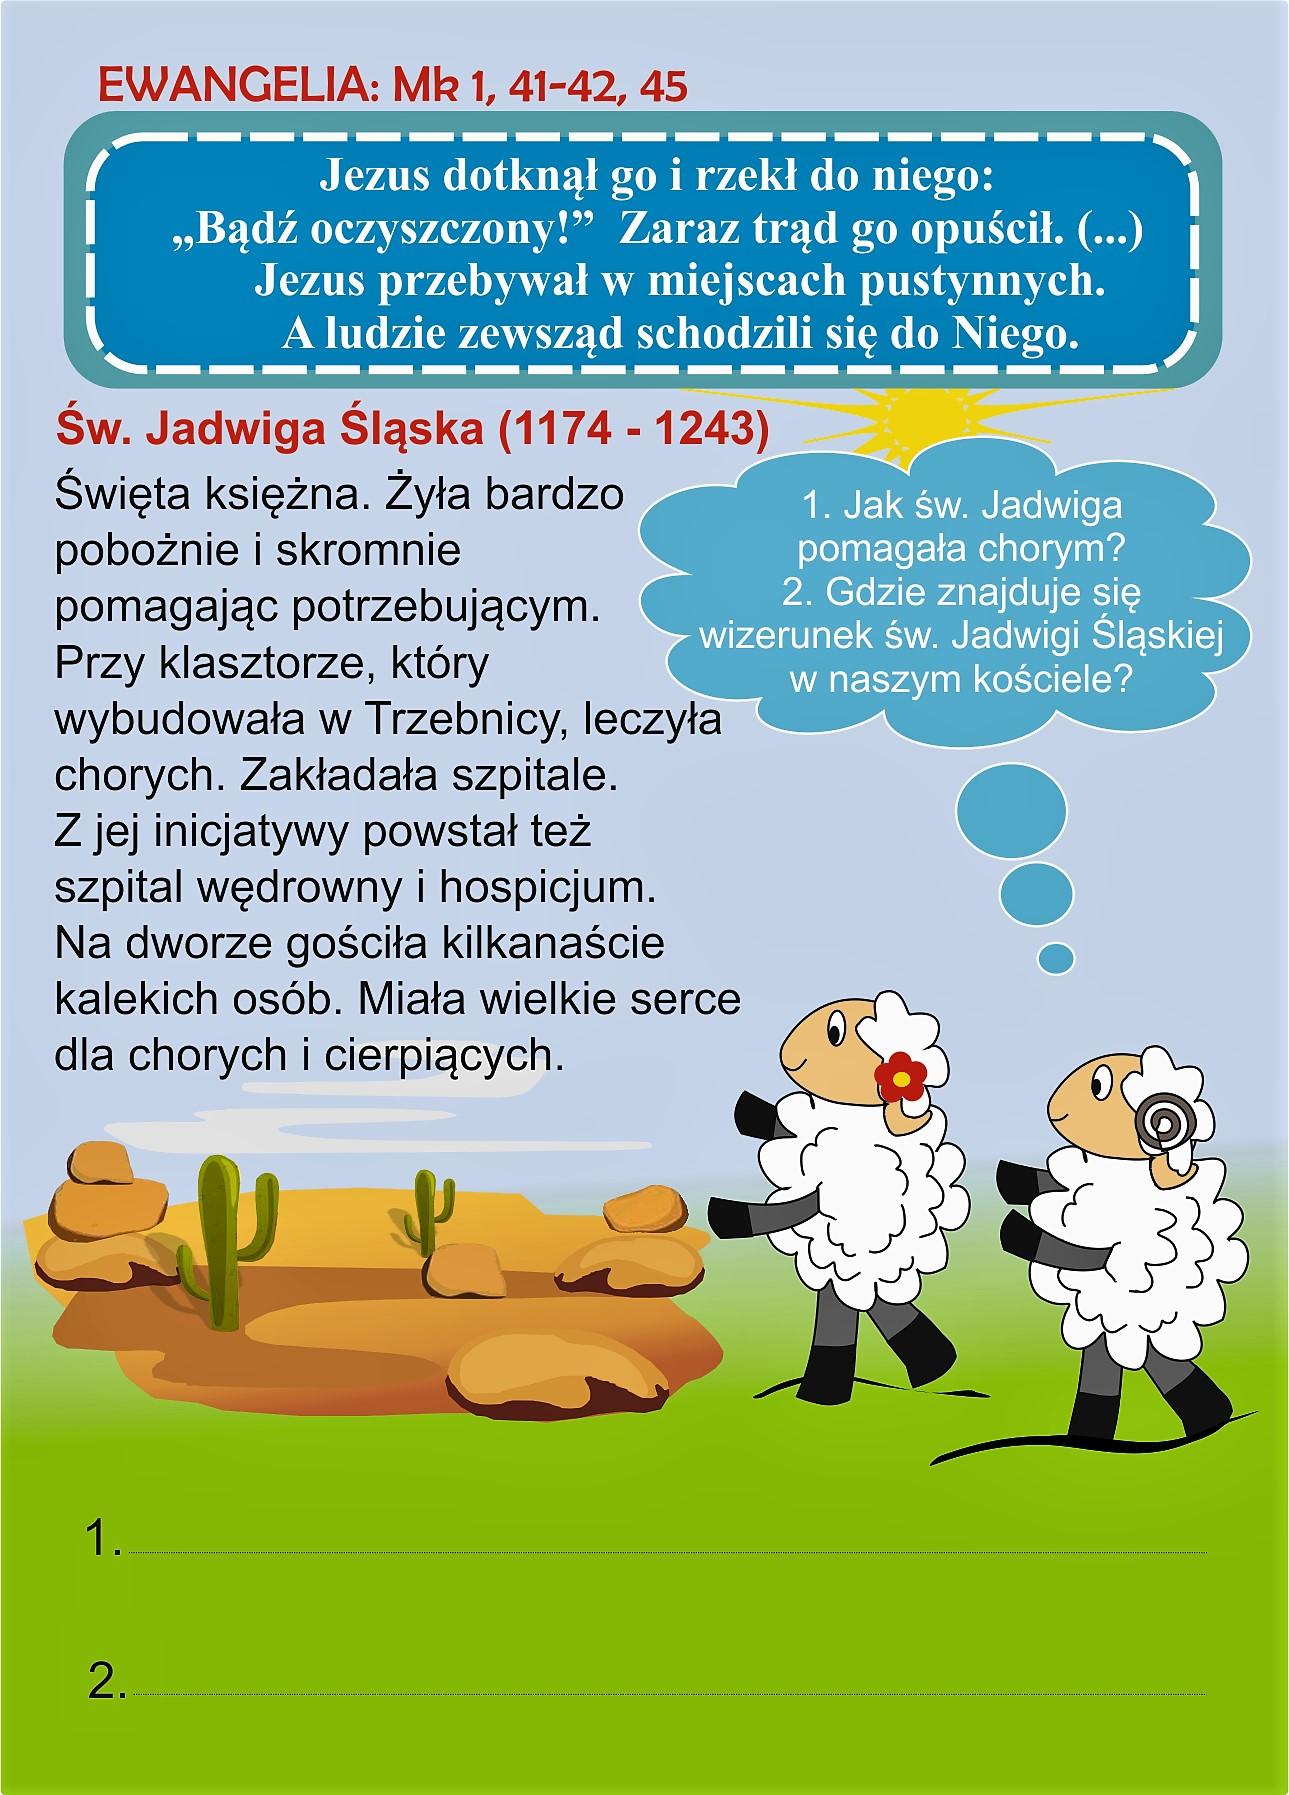 JADWIGA ŚLĄSKA str 2